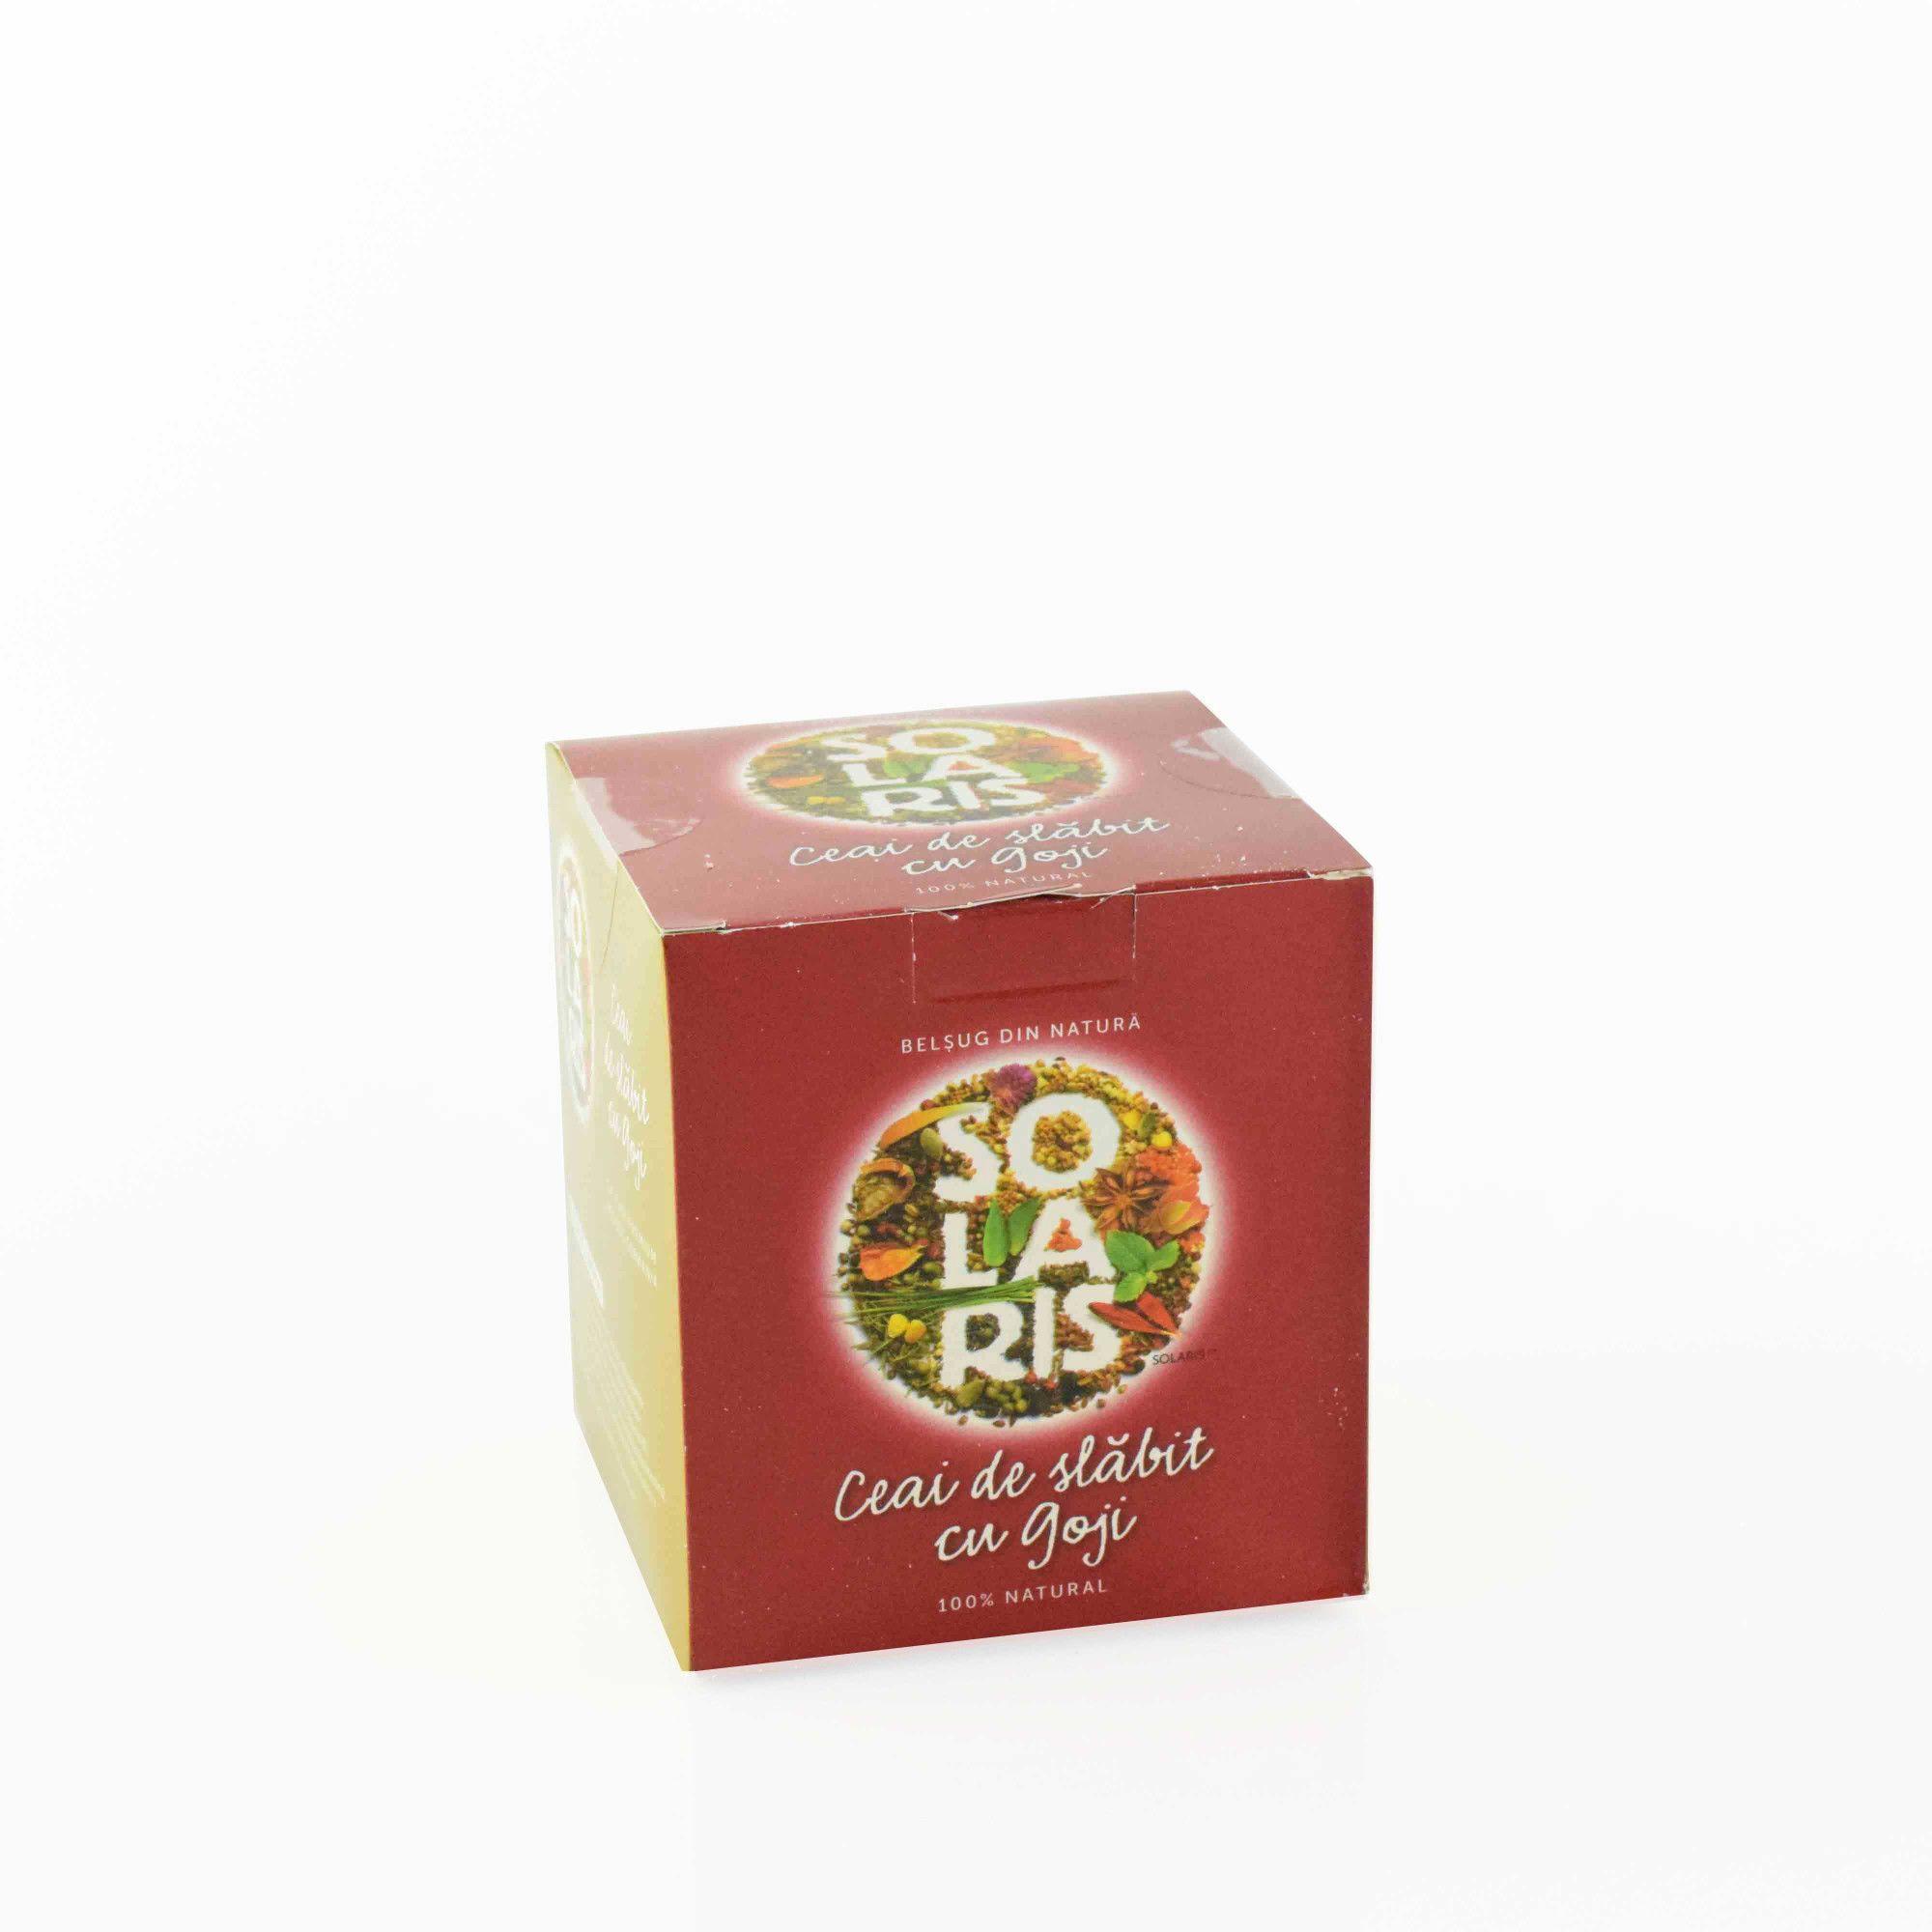 ceai de slabit cu goji berry